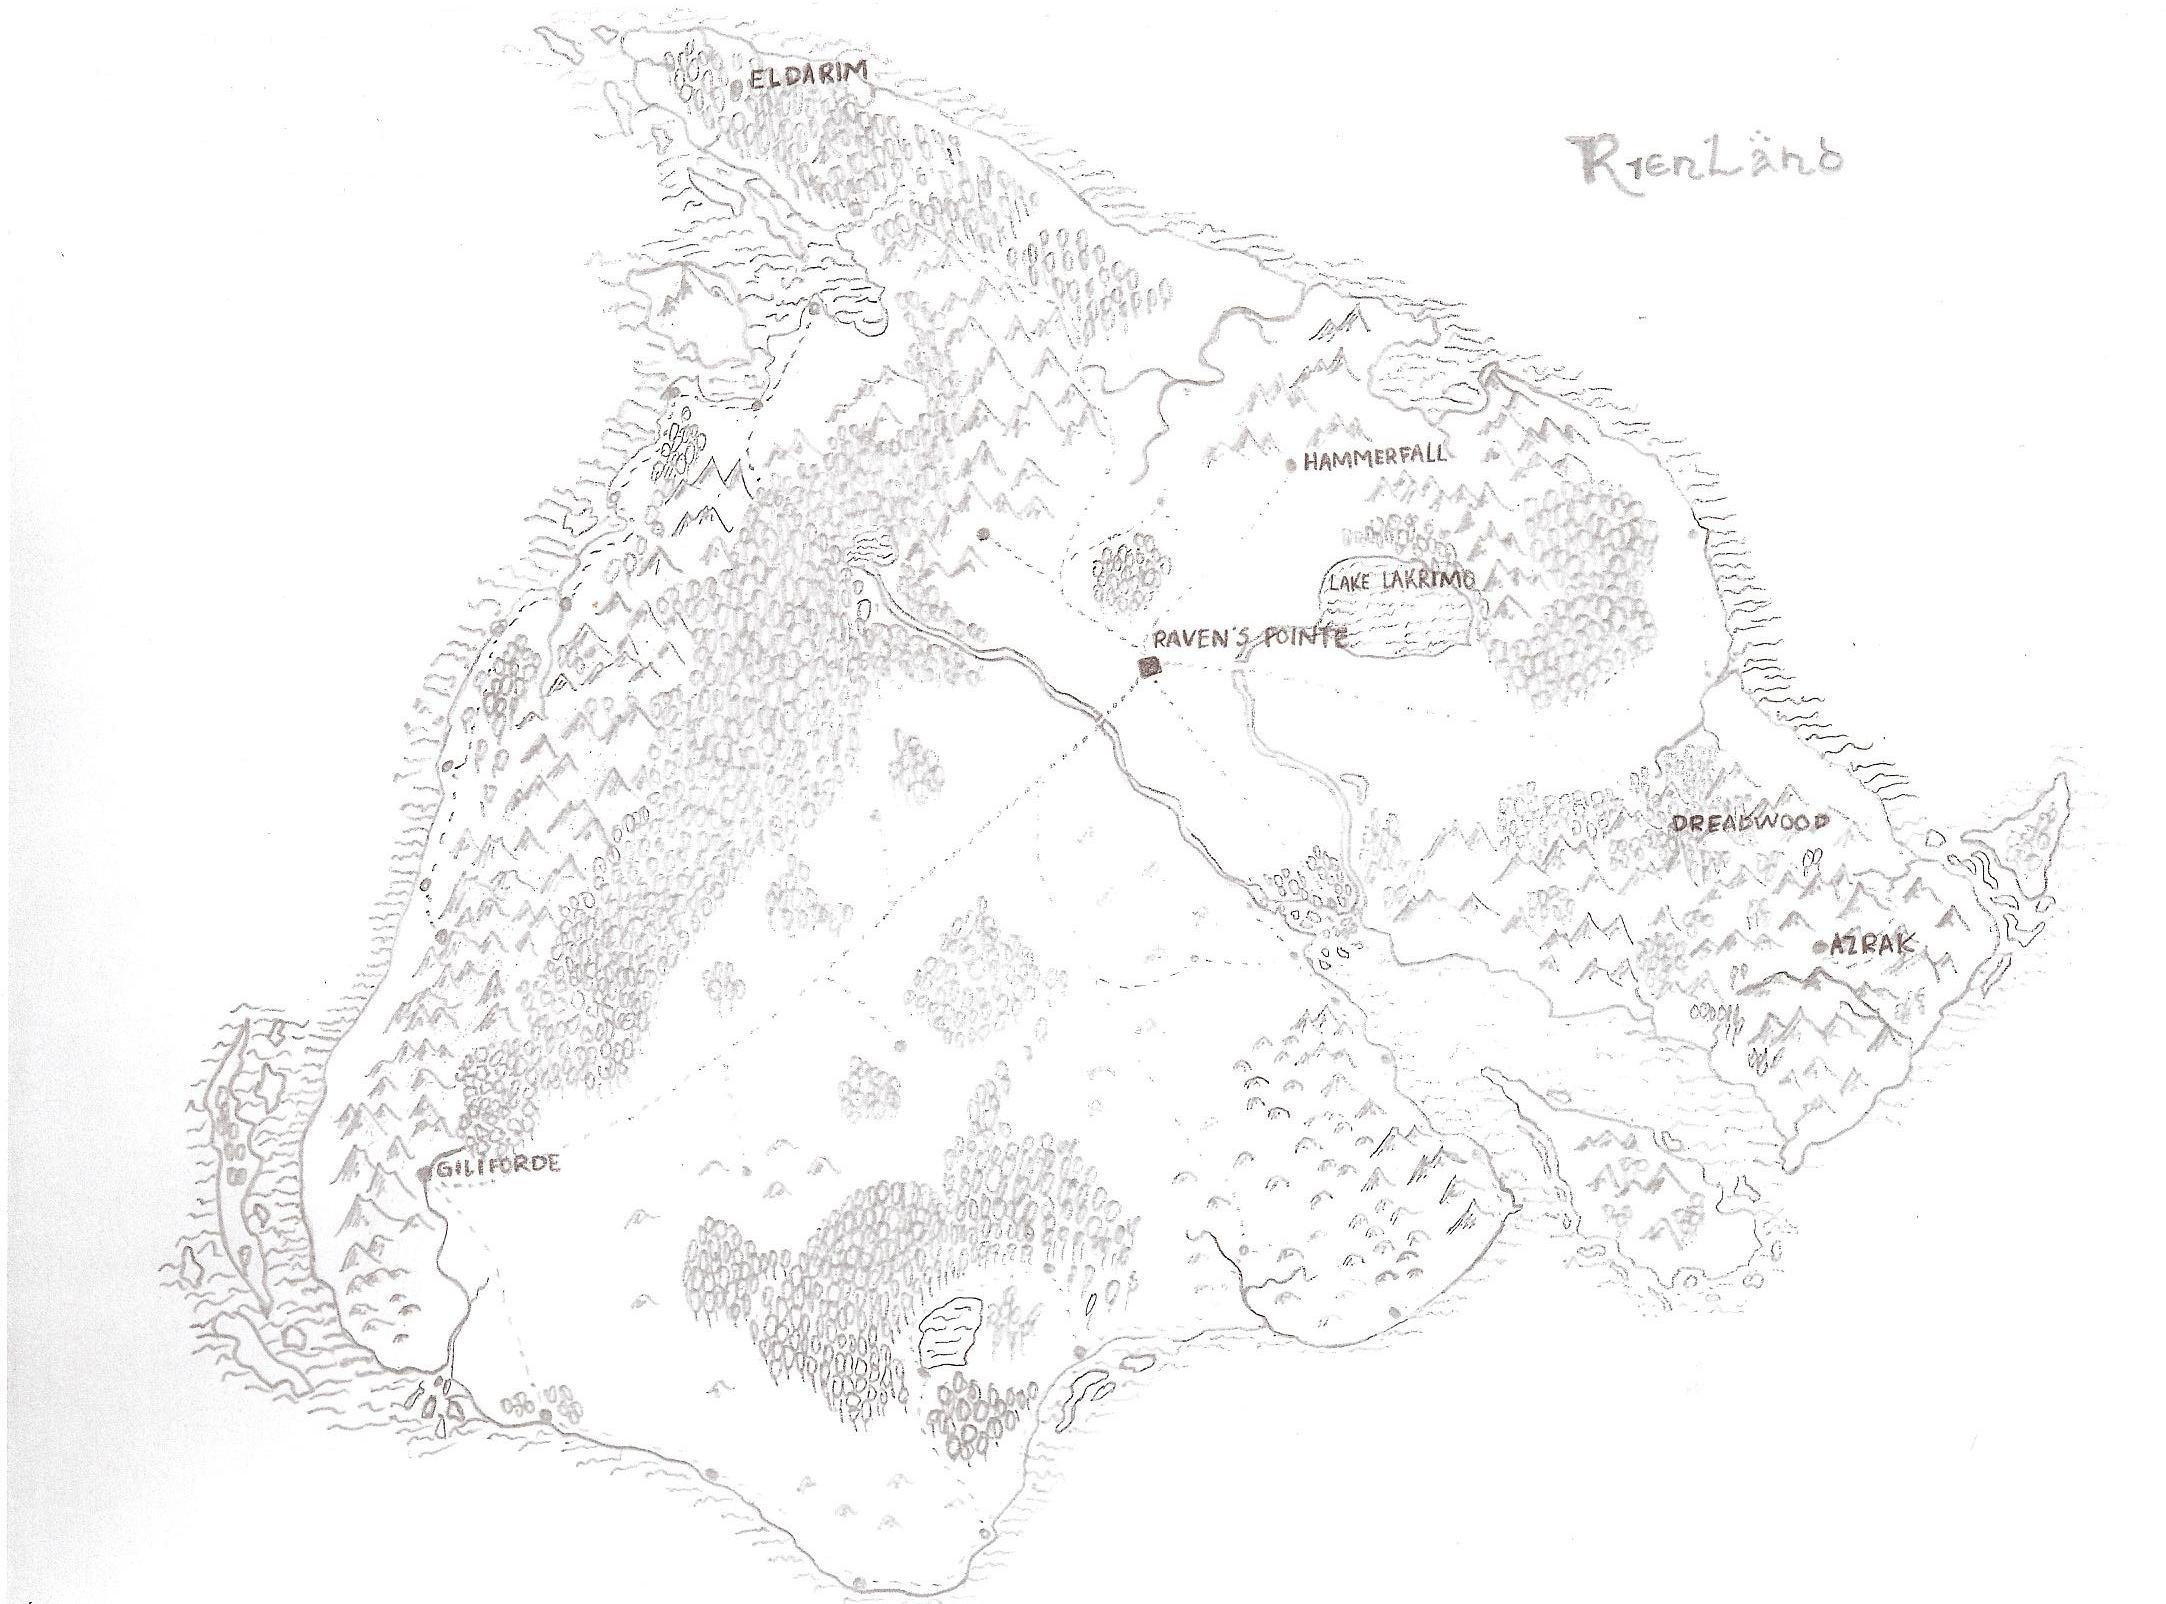 Mapppppppp